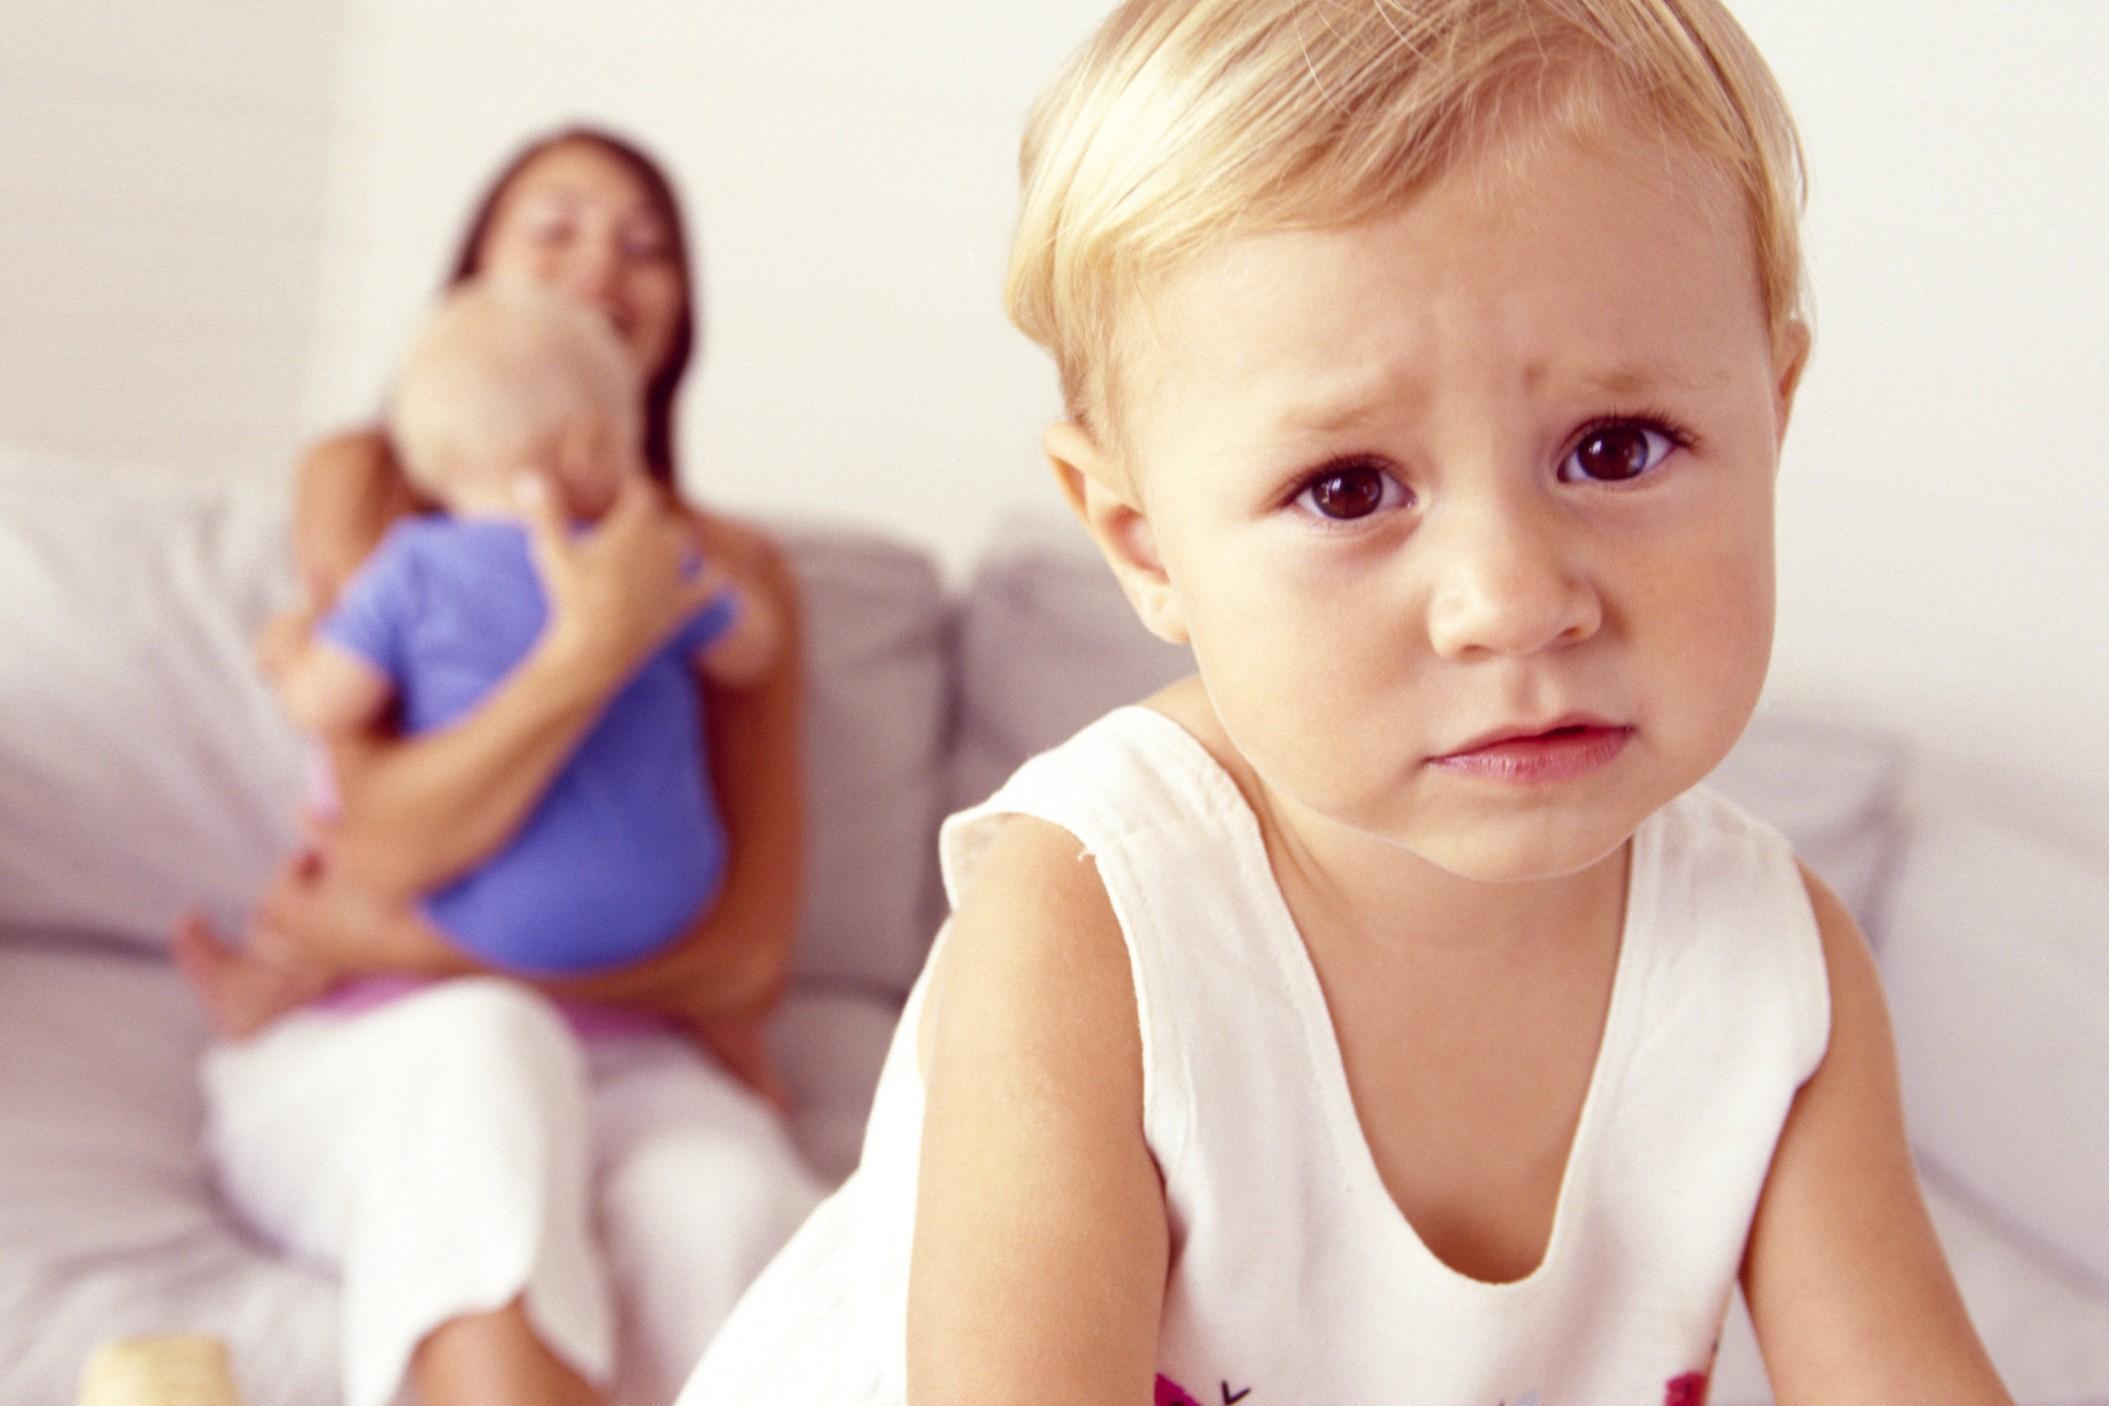 come-aiutare-un-bambino-a-non-essere-geloso-degli-altri_0c9d80cebd0a100f7a6de2b4293193ec